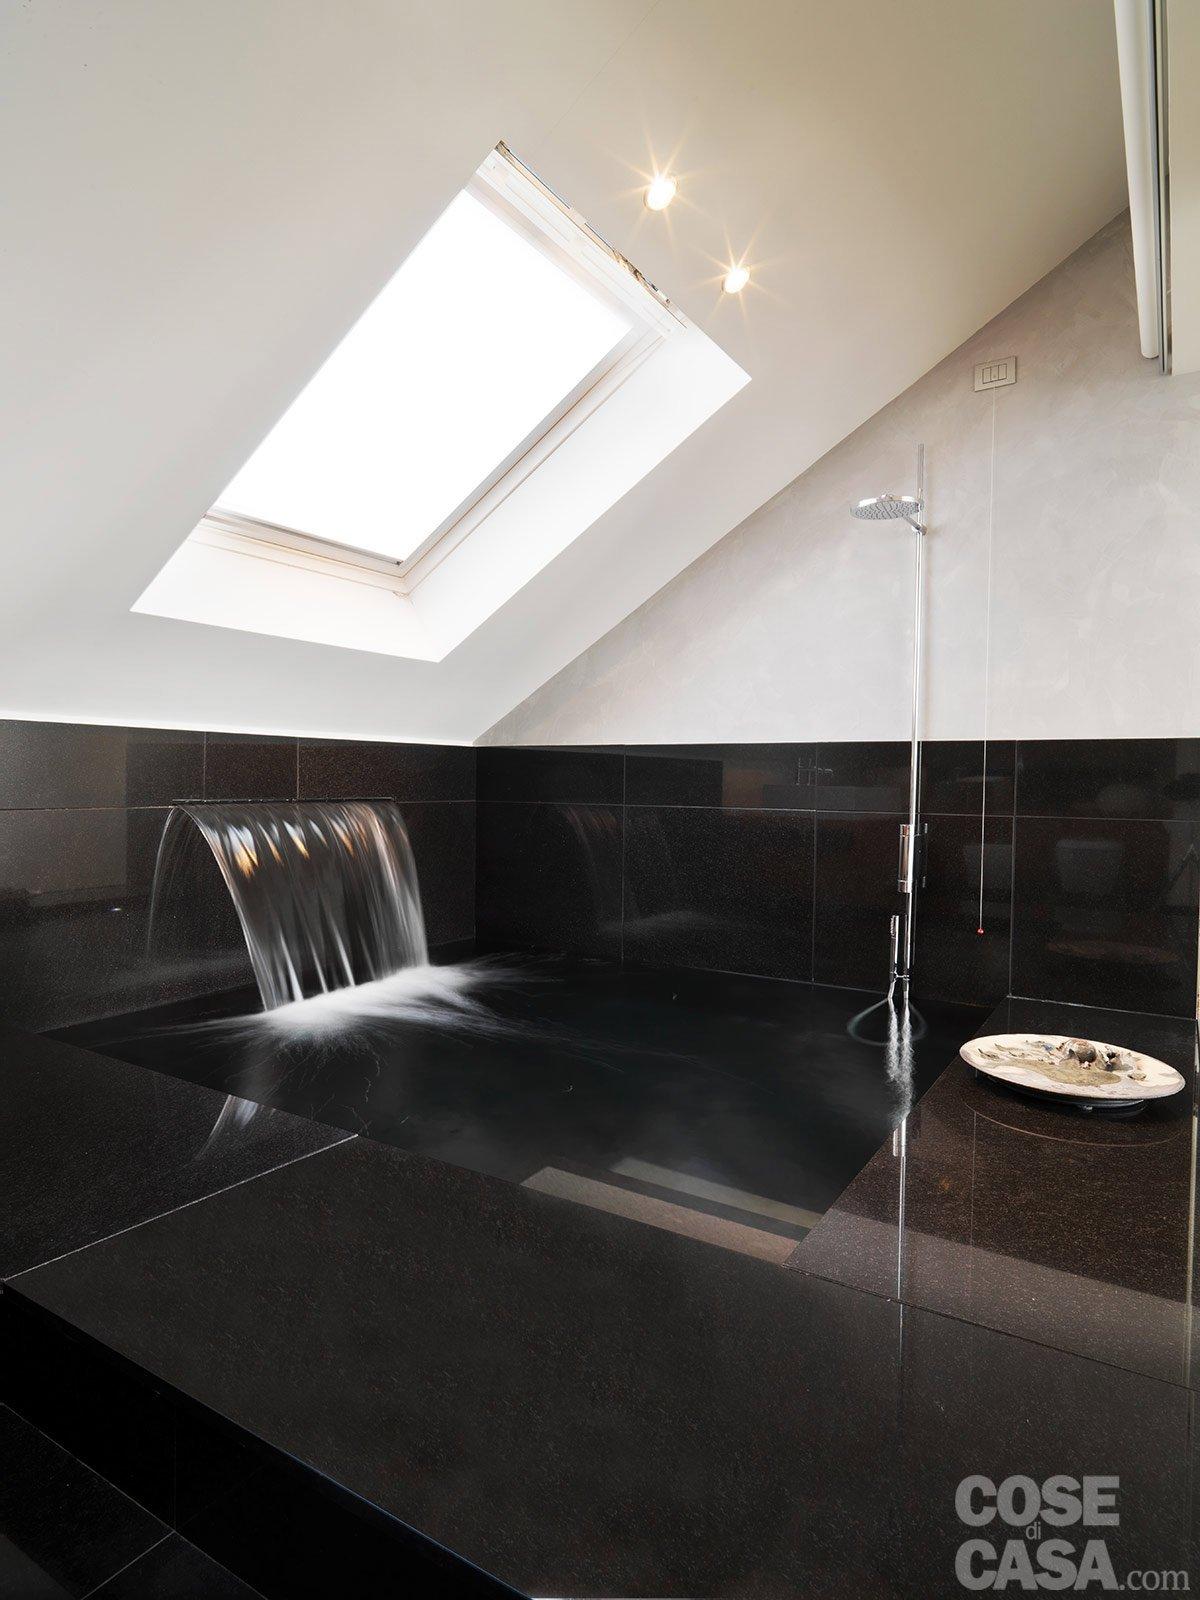 Casa soluzioni hi tech per interni anni 39 30 cose di casa - Bagno nel sottotetto ...